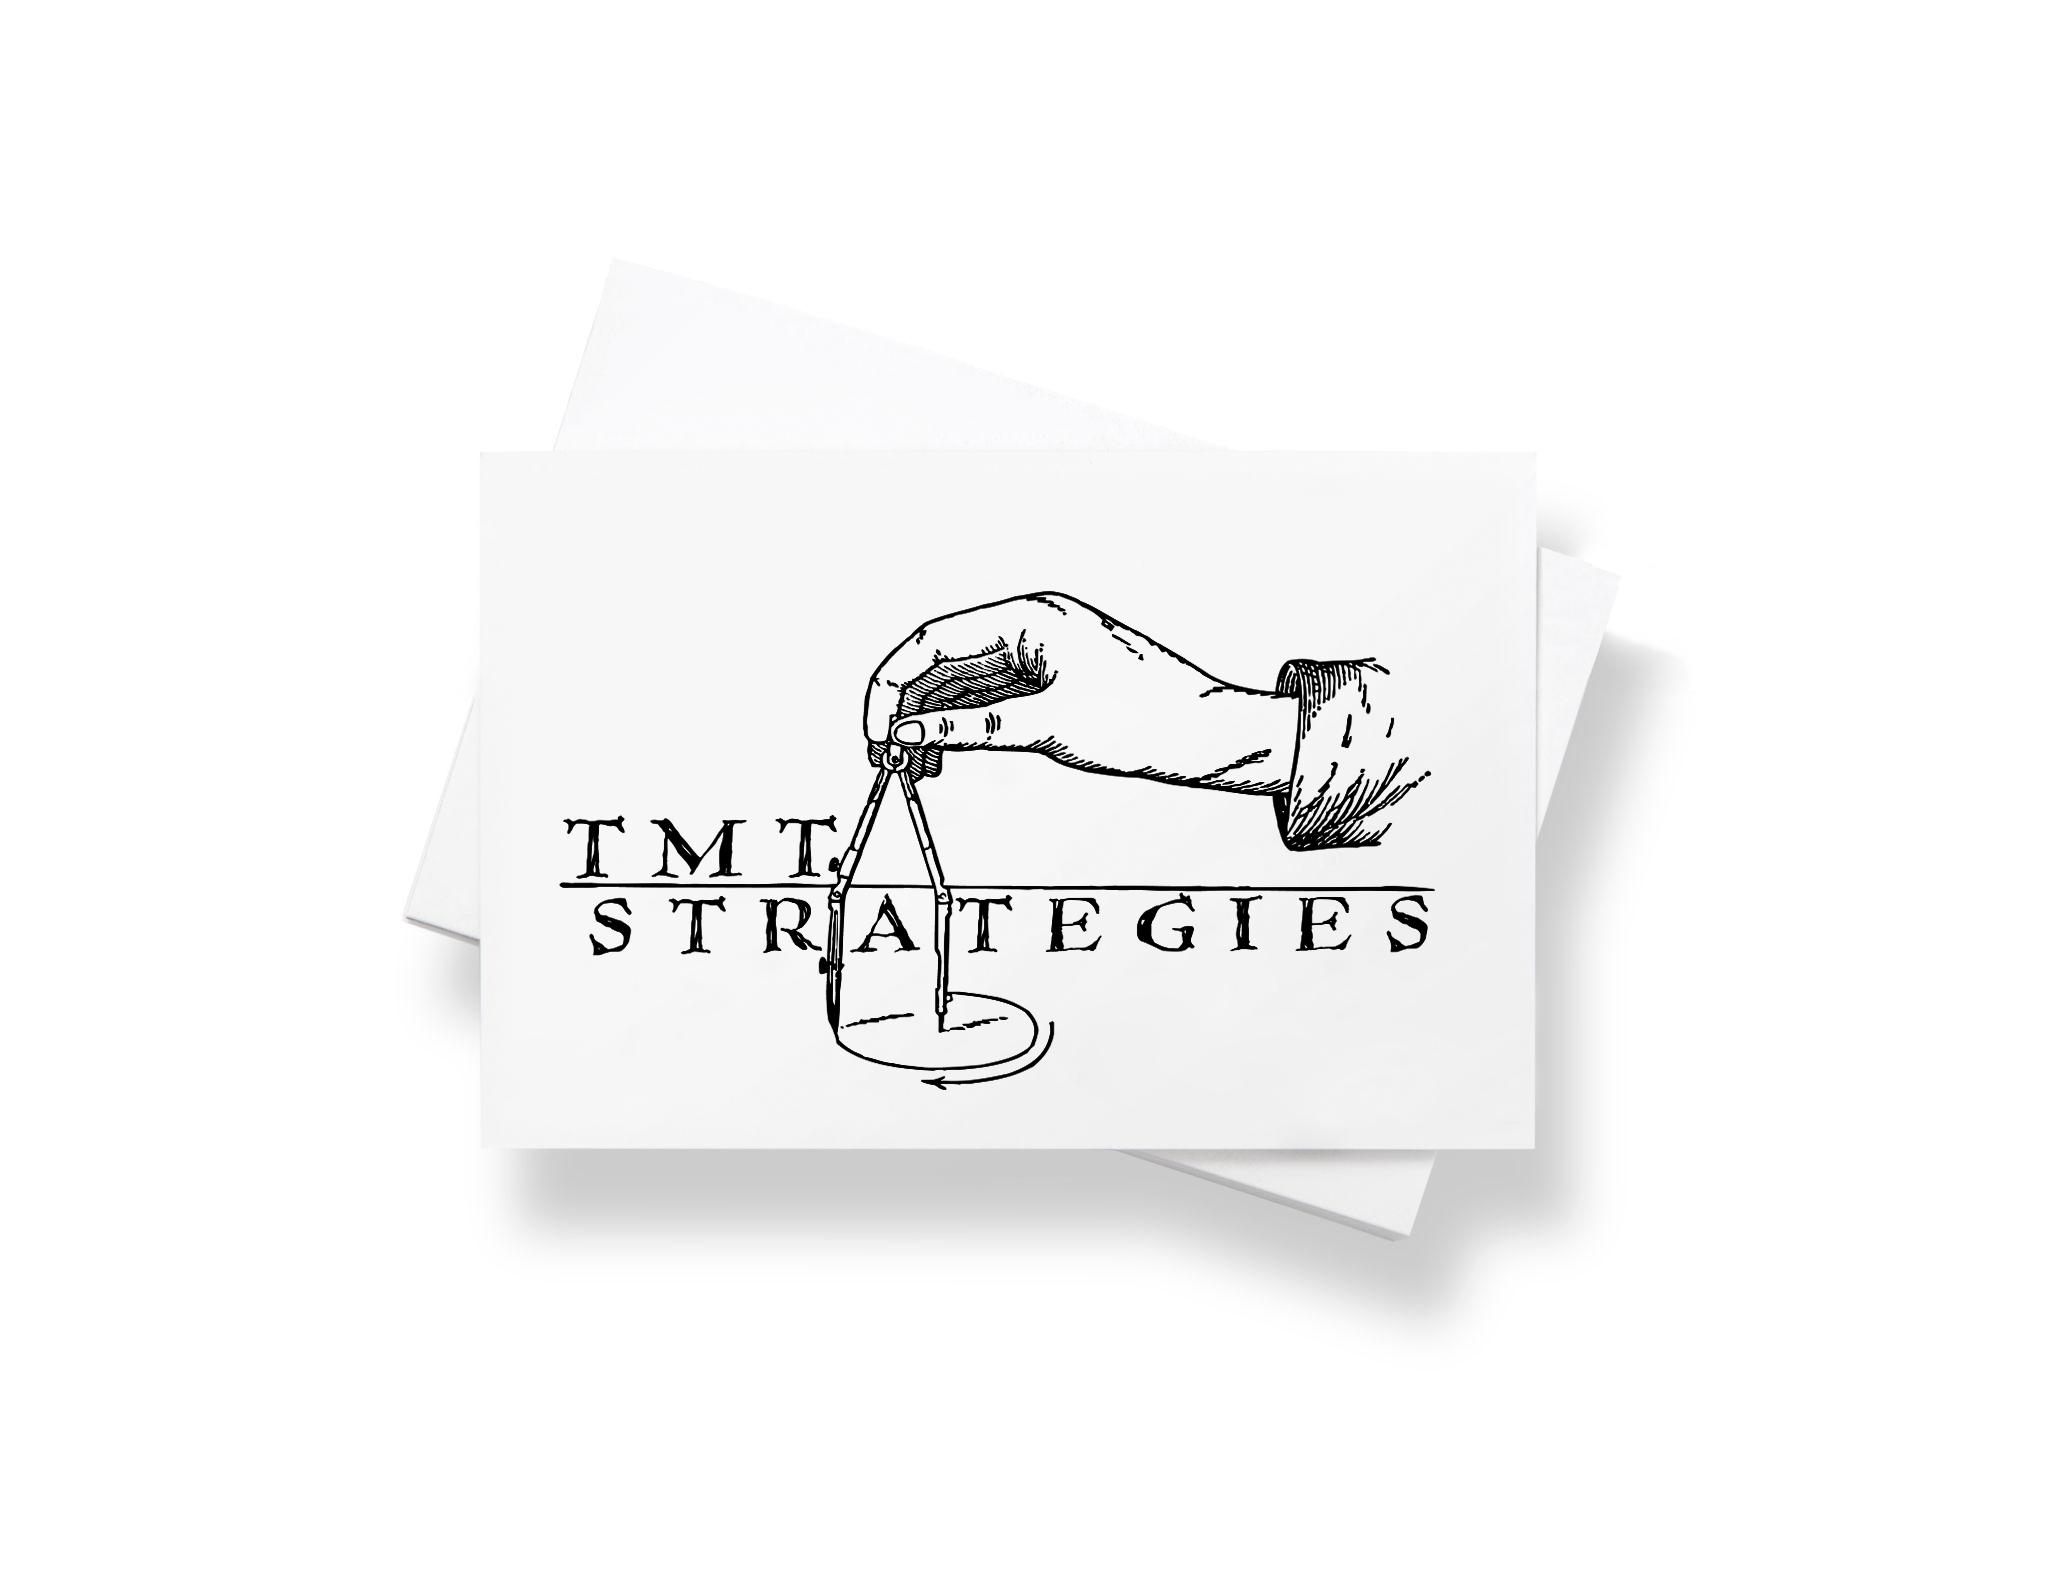 TMTStratCards.jpg